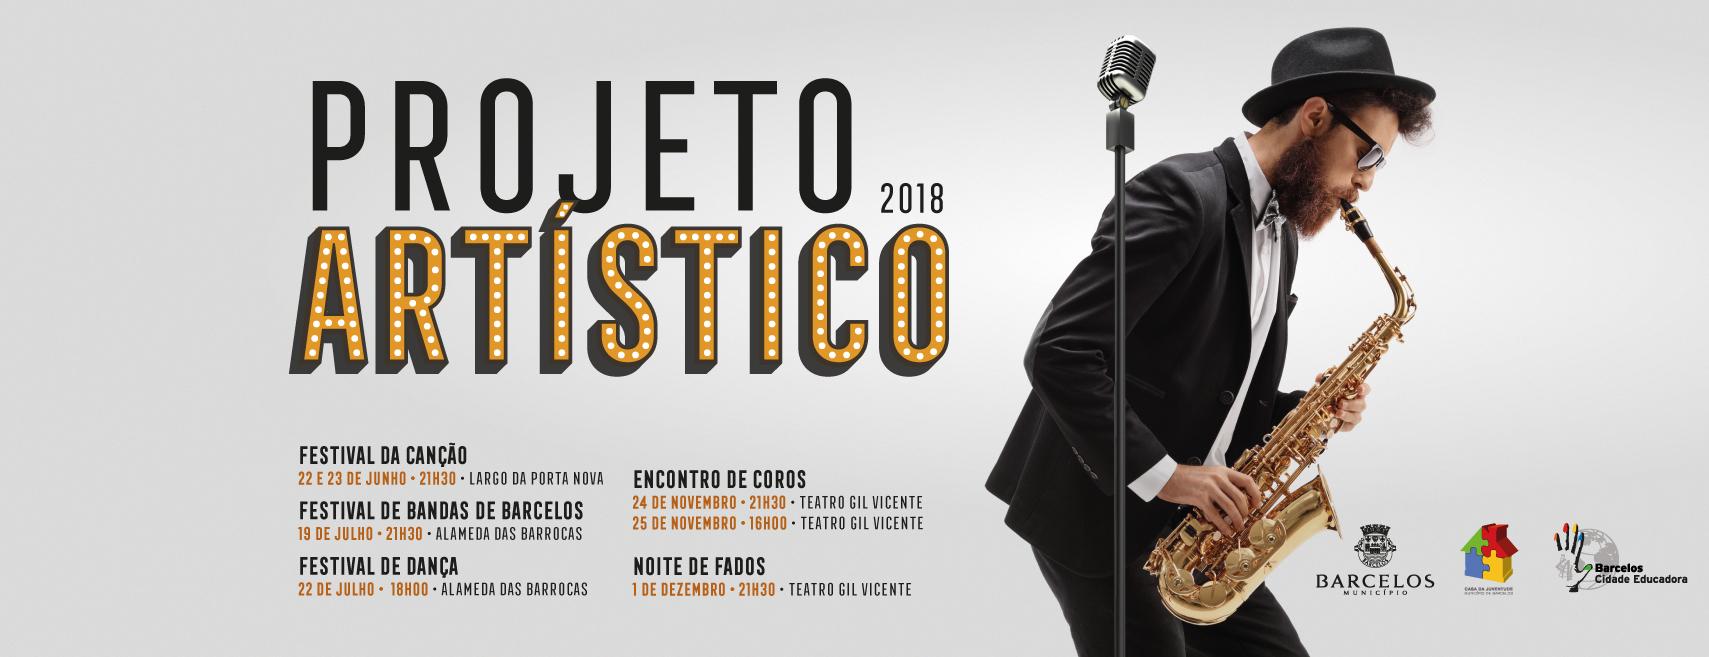 Projeto Artístico arranca com Festival da Canção